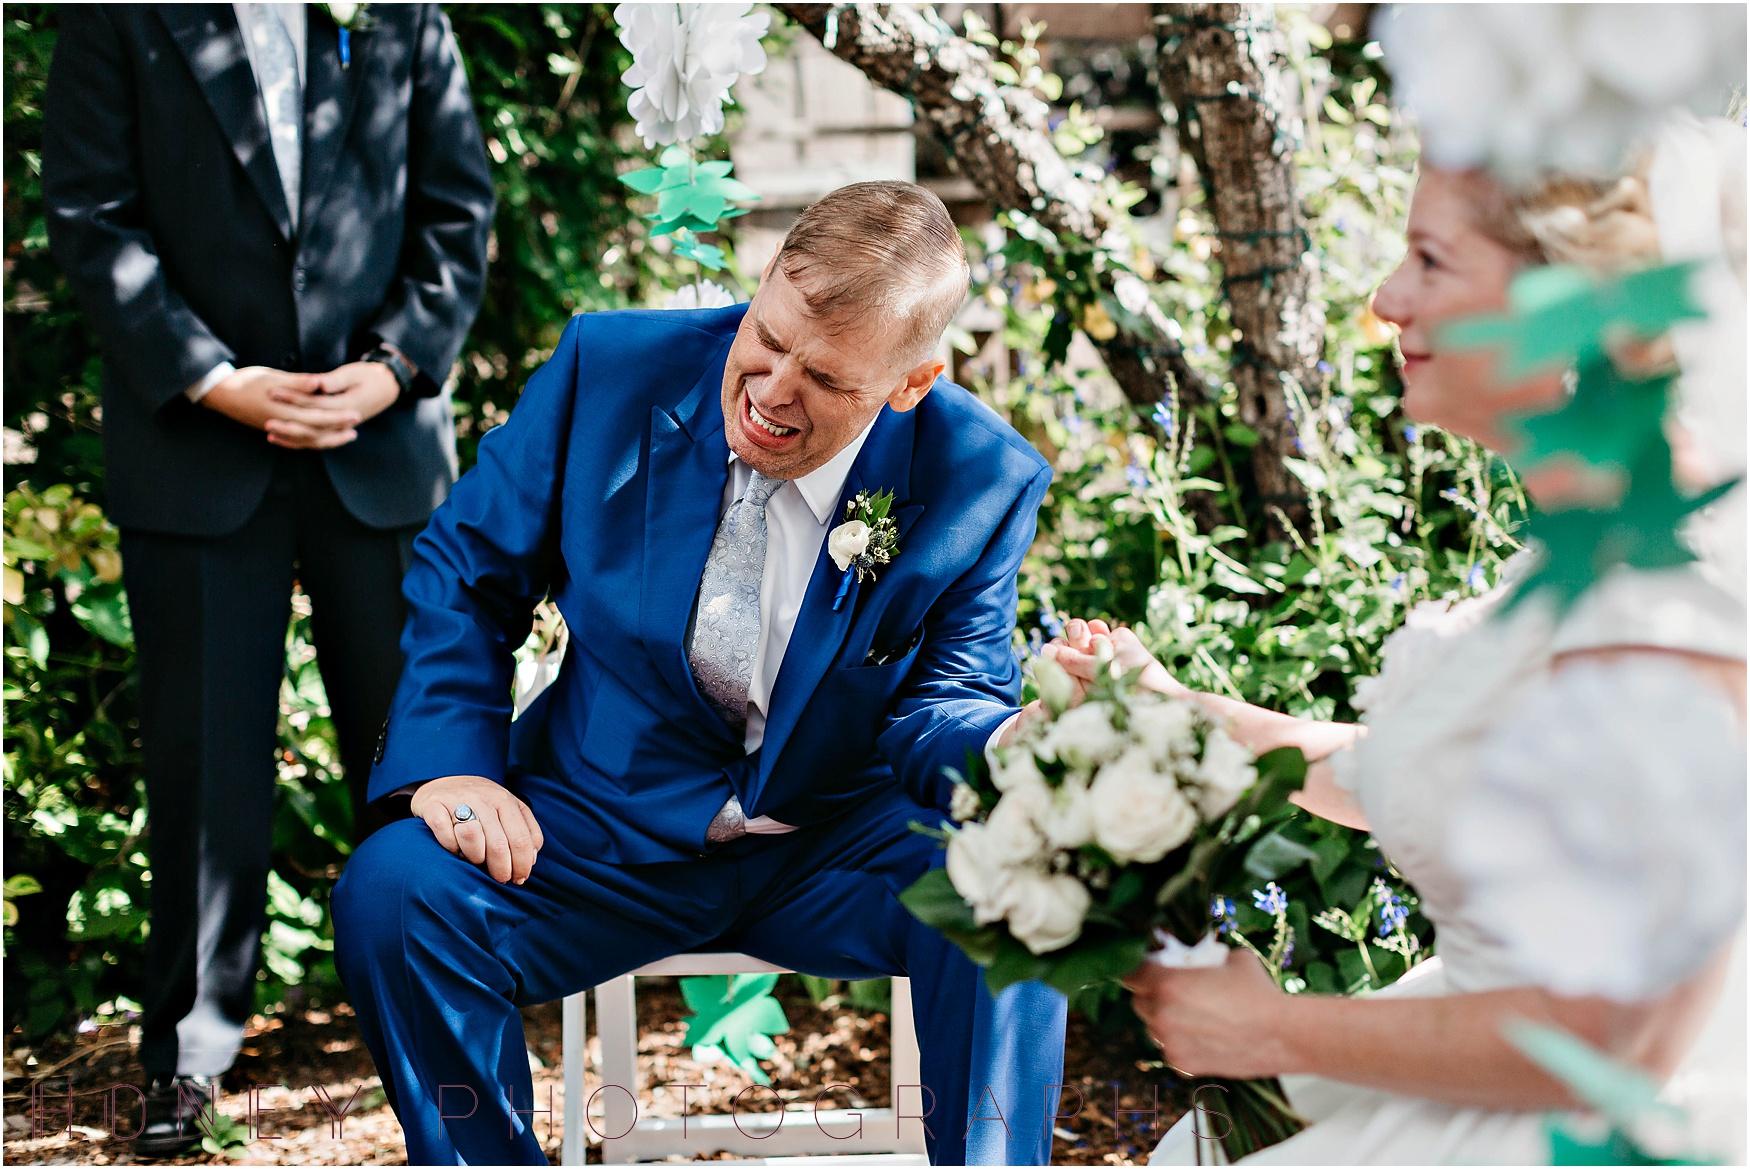 cambria-san-lois-obispo-wedding-garden-intimate24.jpg